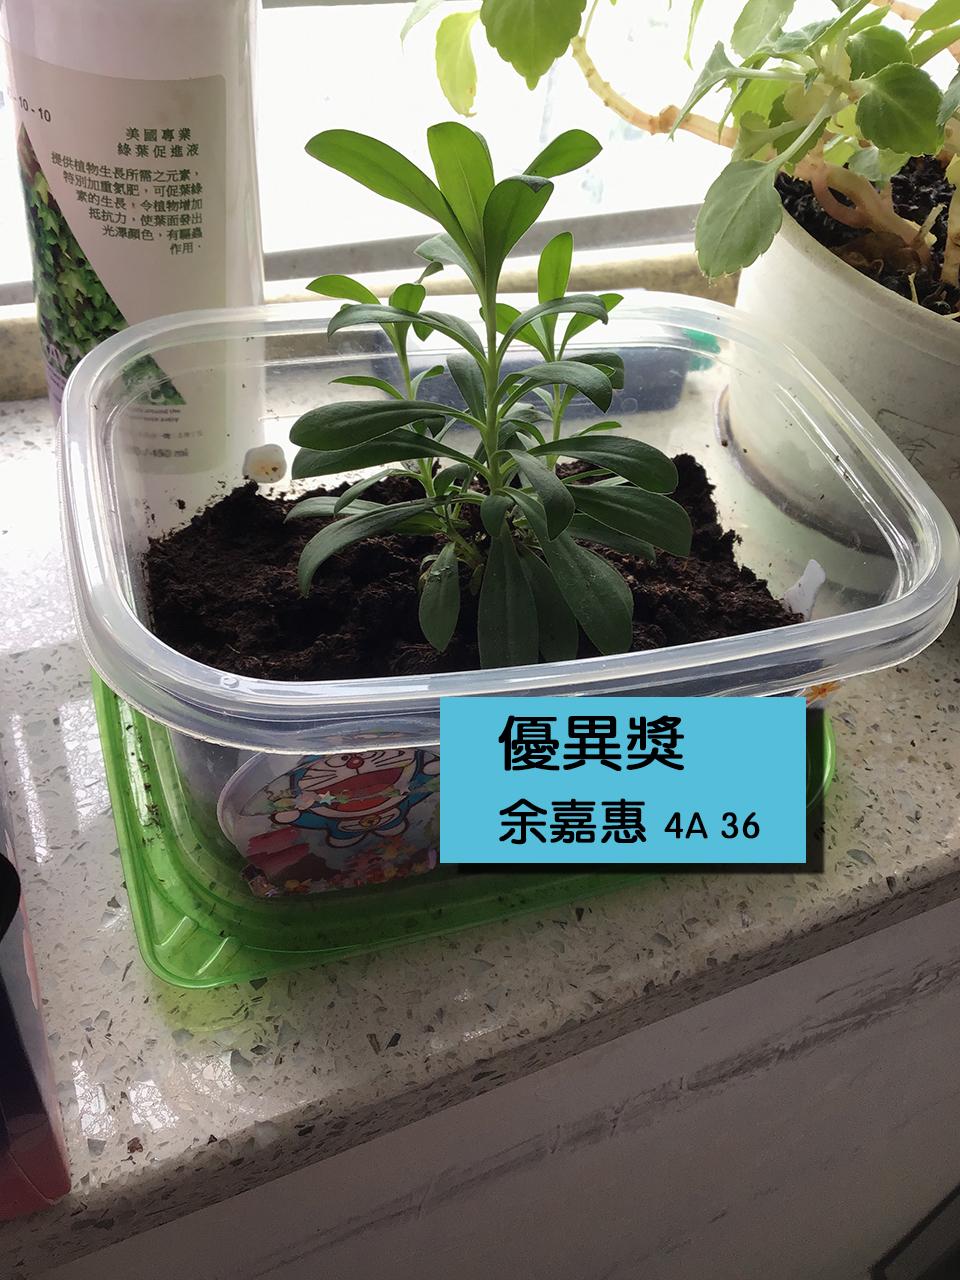 https://plkcjy.edu.hk/sites/default/files/you_yi_jiang_4a_36_yu_jia_hui_.jpg